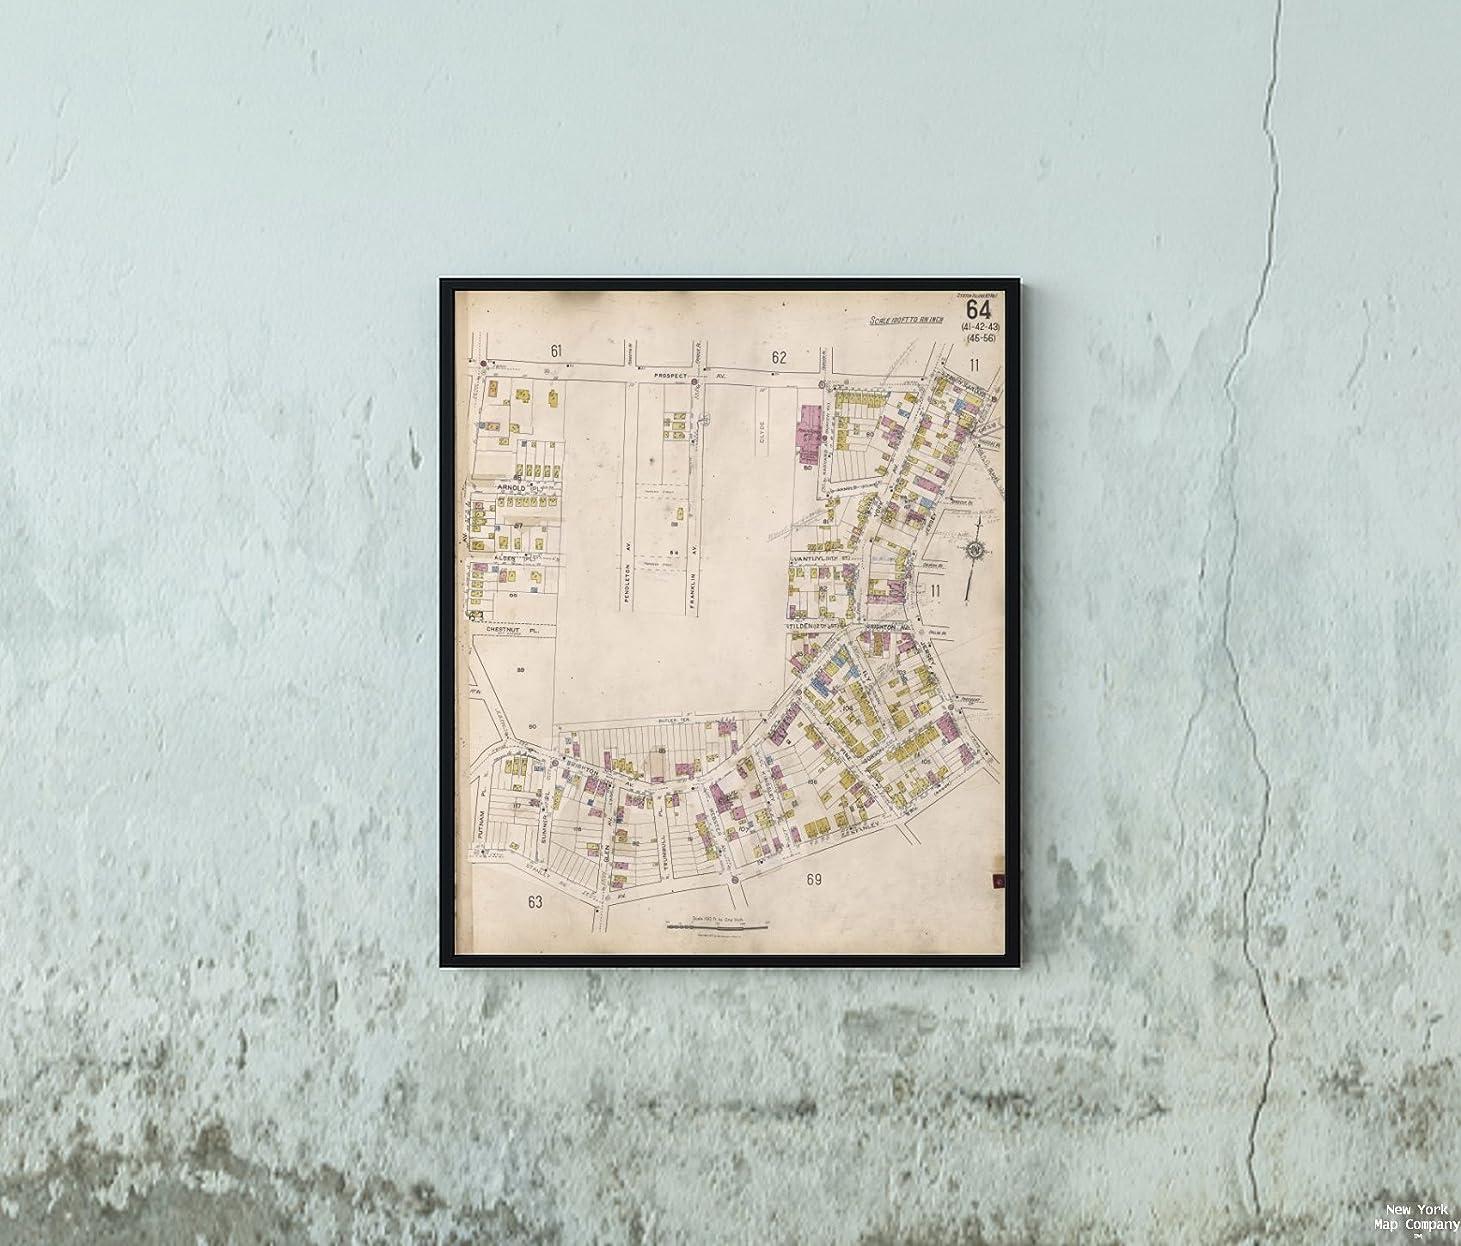 昼寝パラメータ集めるマップ ヨークステテンアイランド、V. 1、プレート番号 64マップ境界 Prospect Ave, ジャージ Stanley Ave, Putnam Pl Sanborn Map Company|ヴィンテージファインアート複製|額装準備済み